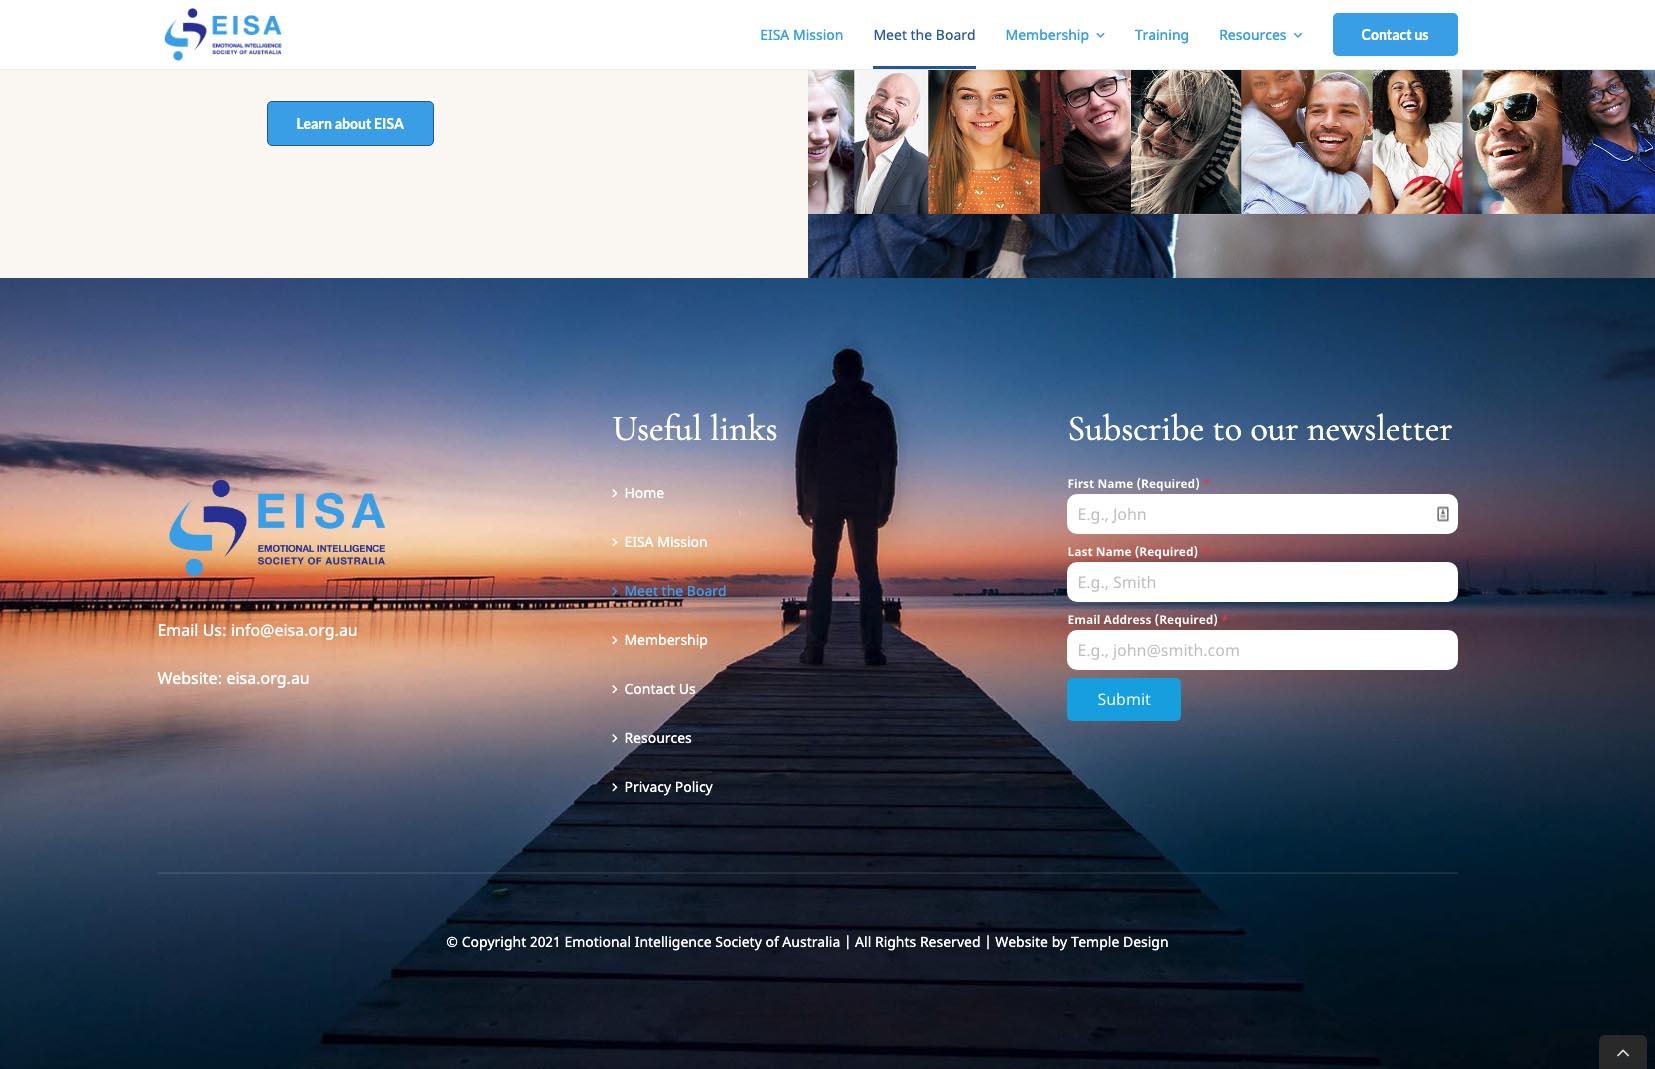 EISA Website foooter